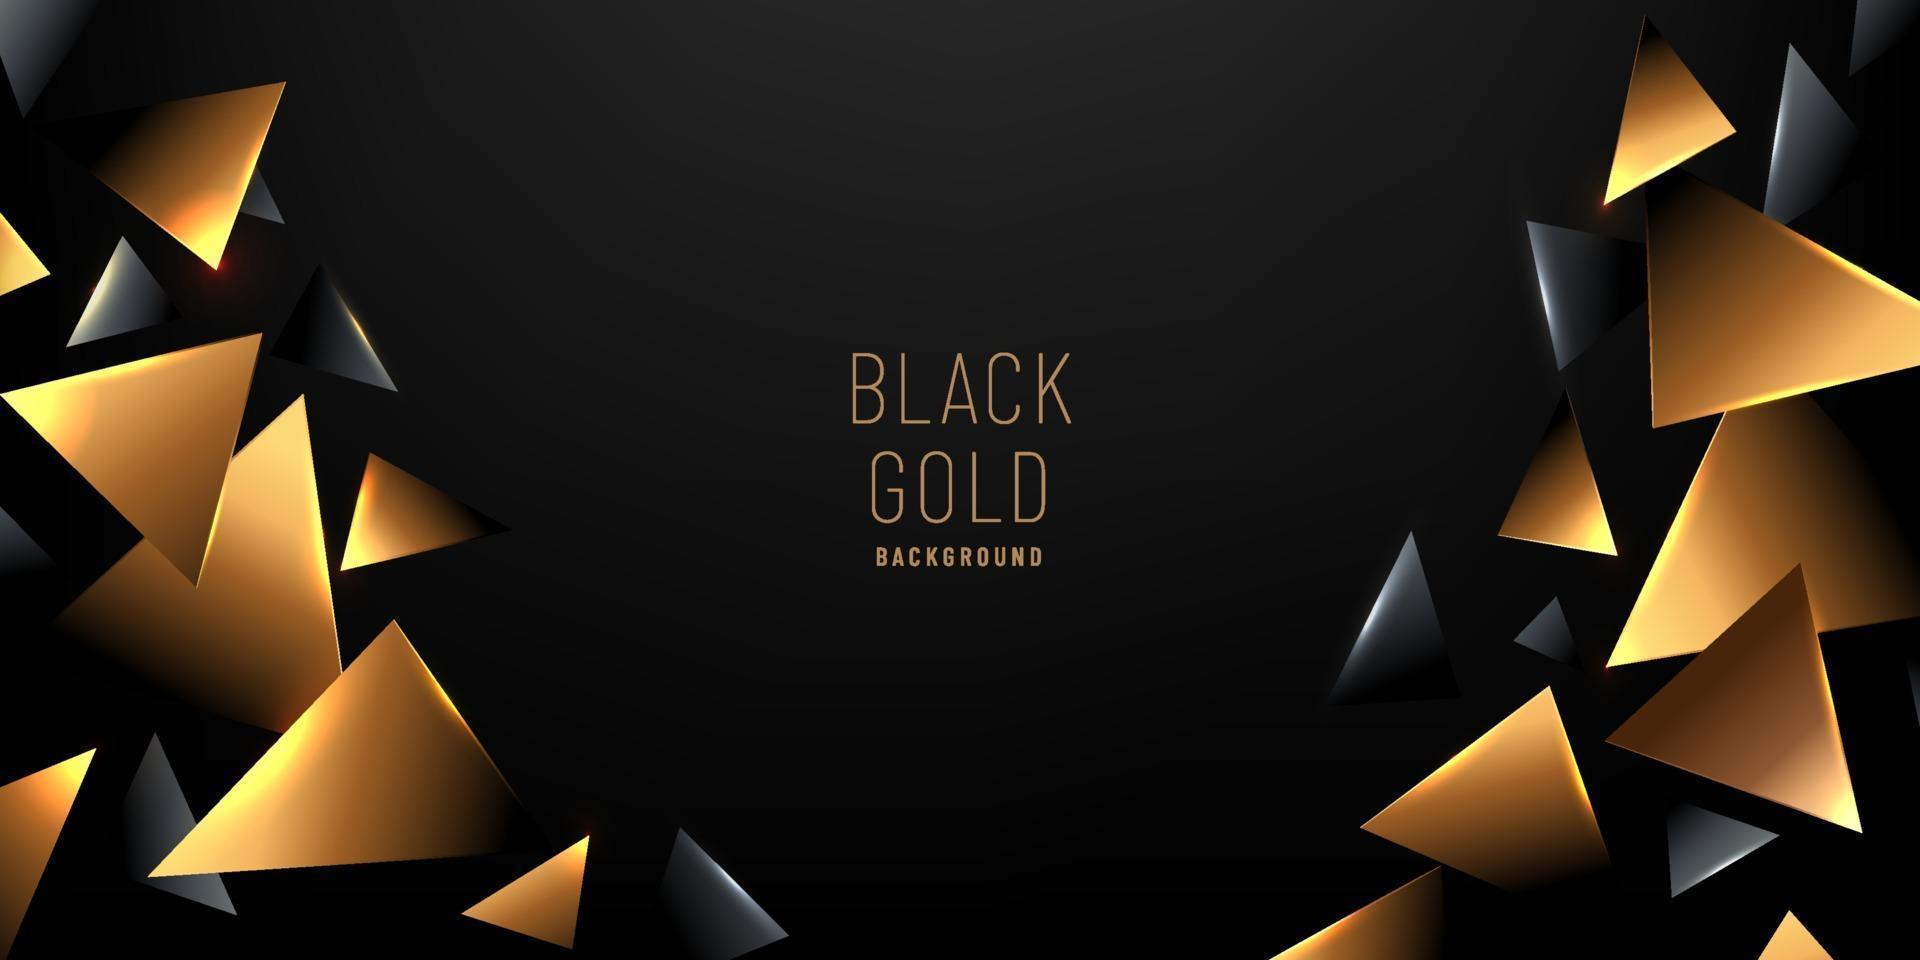 Elemento de triángulo de lujo abstracto de patrón geométrico de estilo dorado geométrico sobre fondo oscuro con espacio de copia. premium y elegante. que puede utilizar para plantillas, carteles, banners web, anuncios impresos. vector eps10